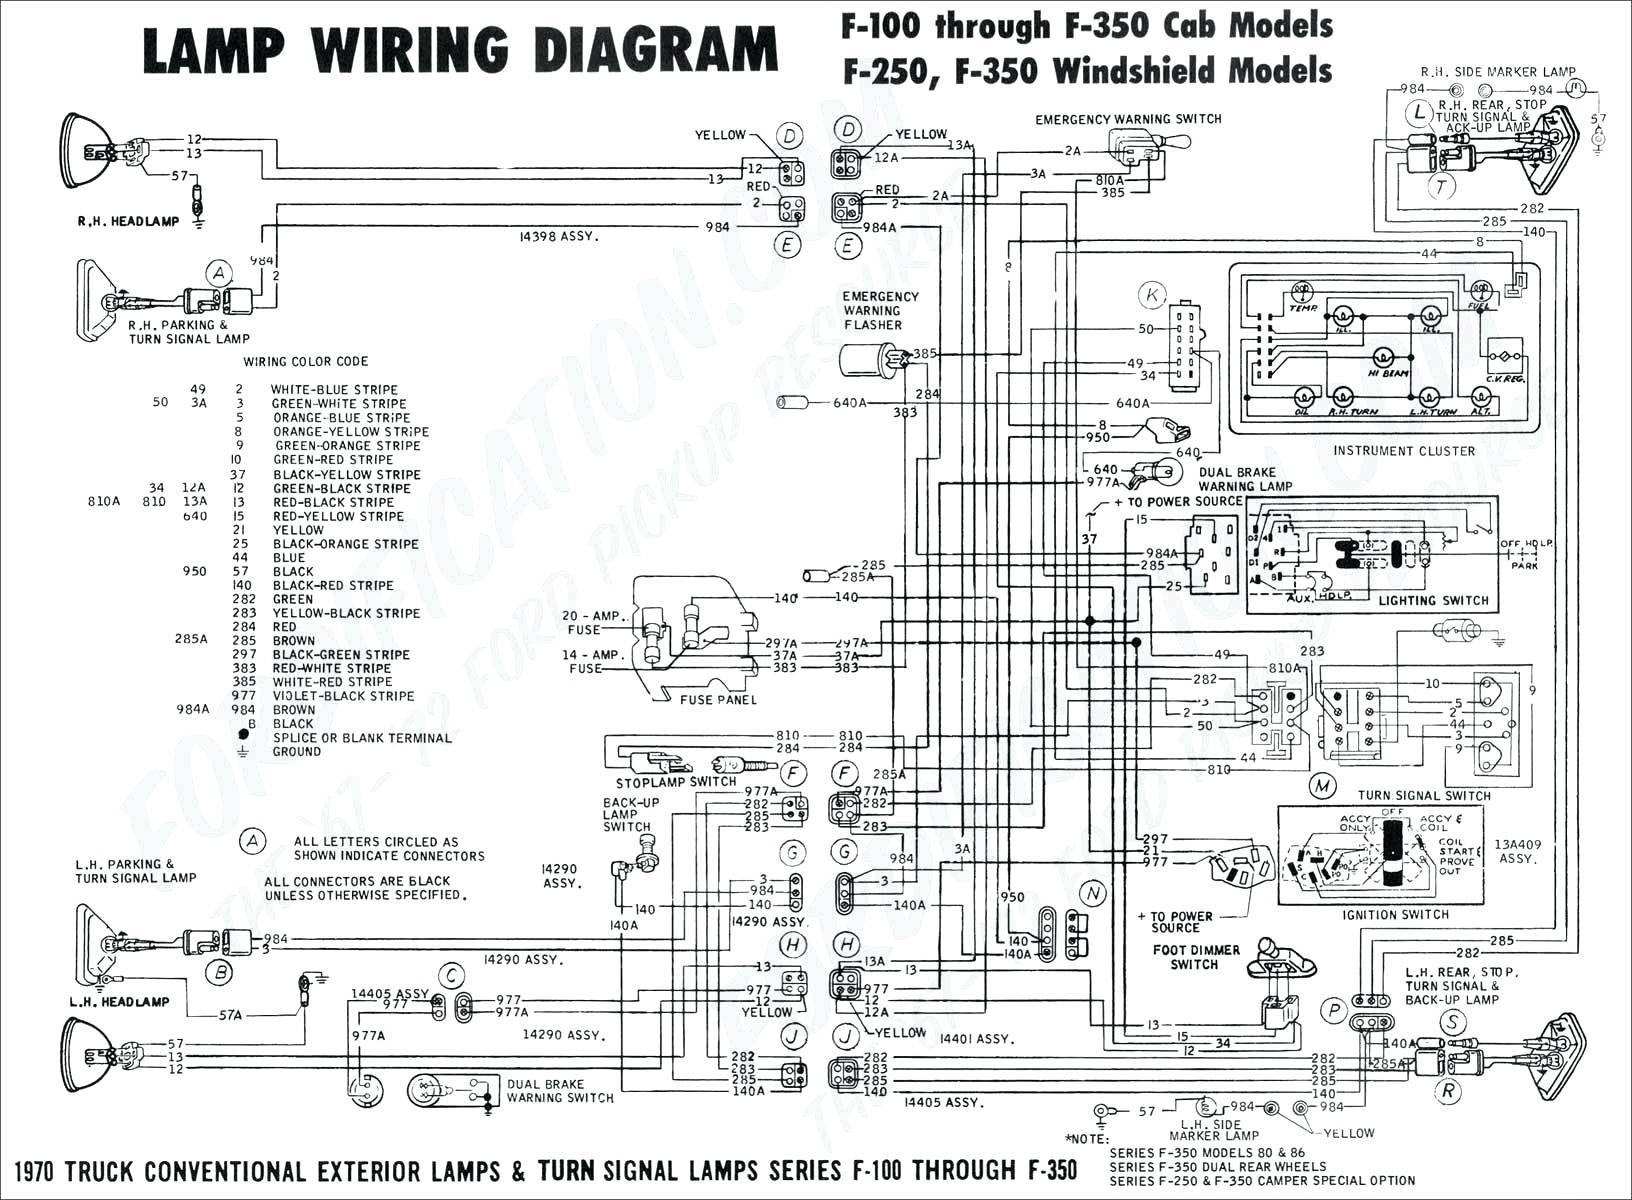 1990 f150 wiring diagram data wiring diagrams u2022 rh mikeadkinsguitar 99  Ford F 150 Problems 1996 Ford F 150 4 9